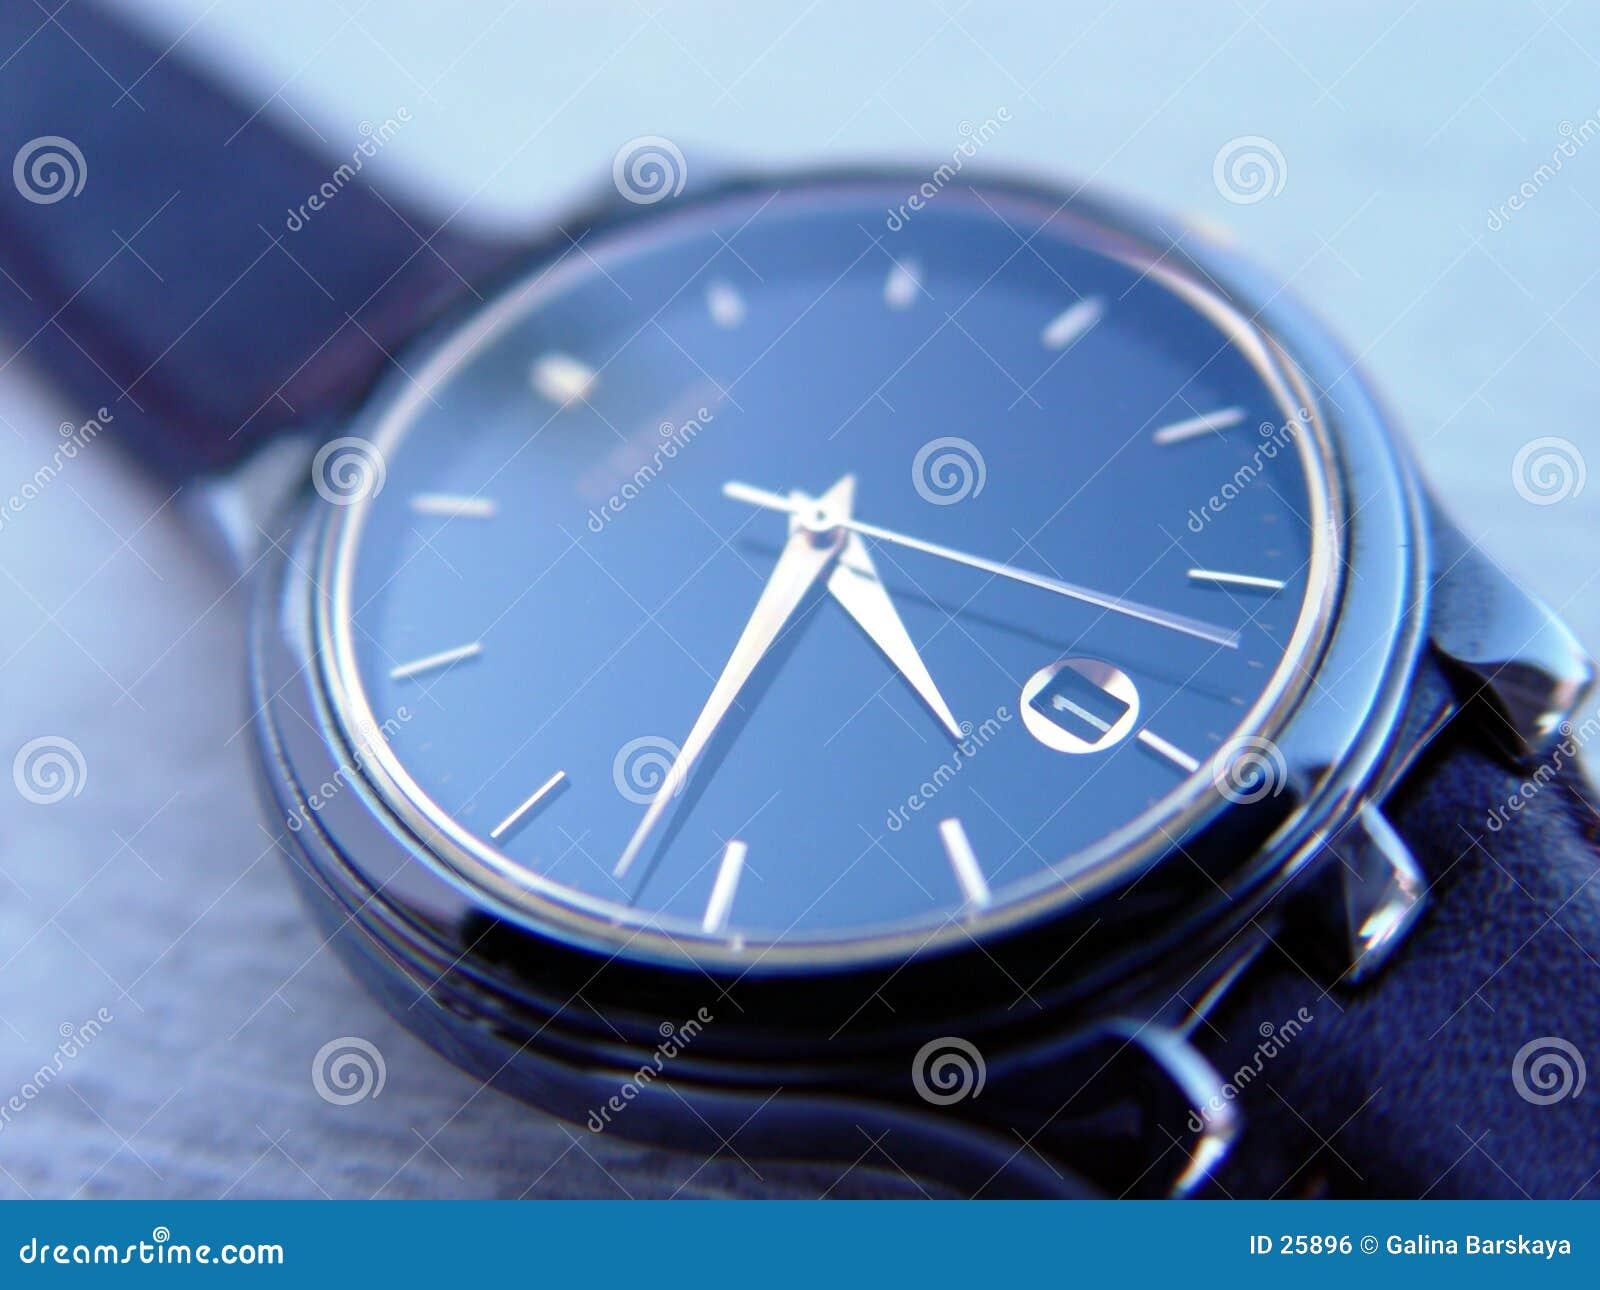 Download Reloj azul foto de archivo. Imagen de recorrido, plazo, negocios - 25896